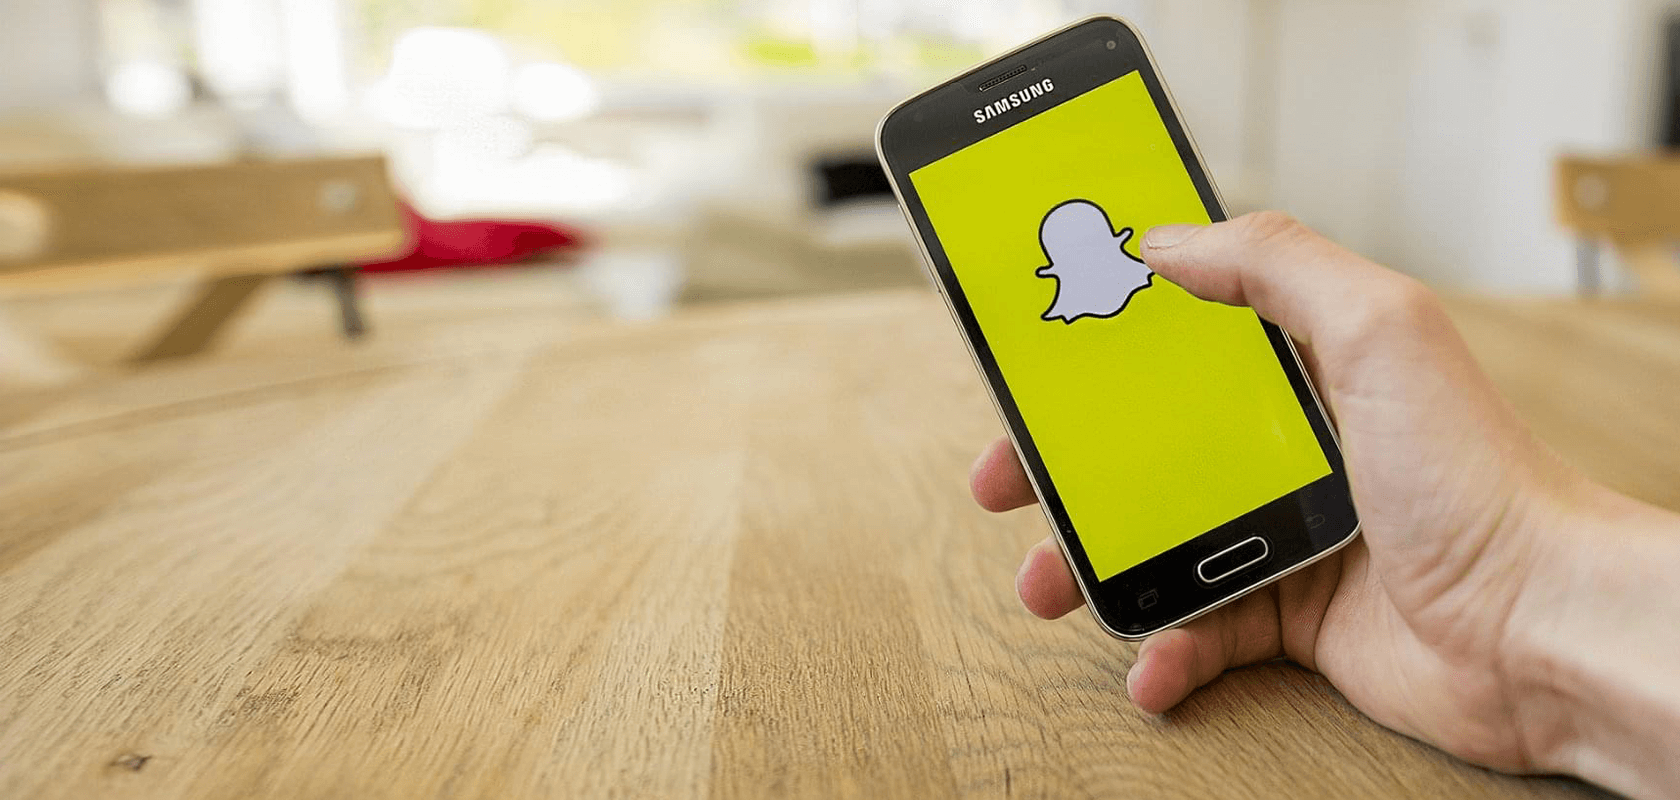 Замість фото: Snapchat отримав новий вид завдяки 3D зображенням - Фото 1